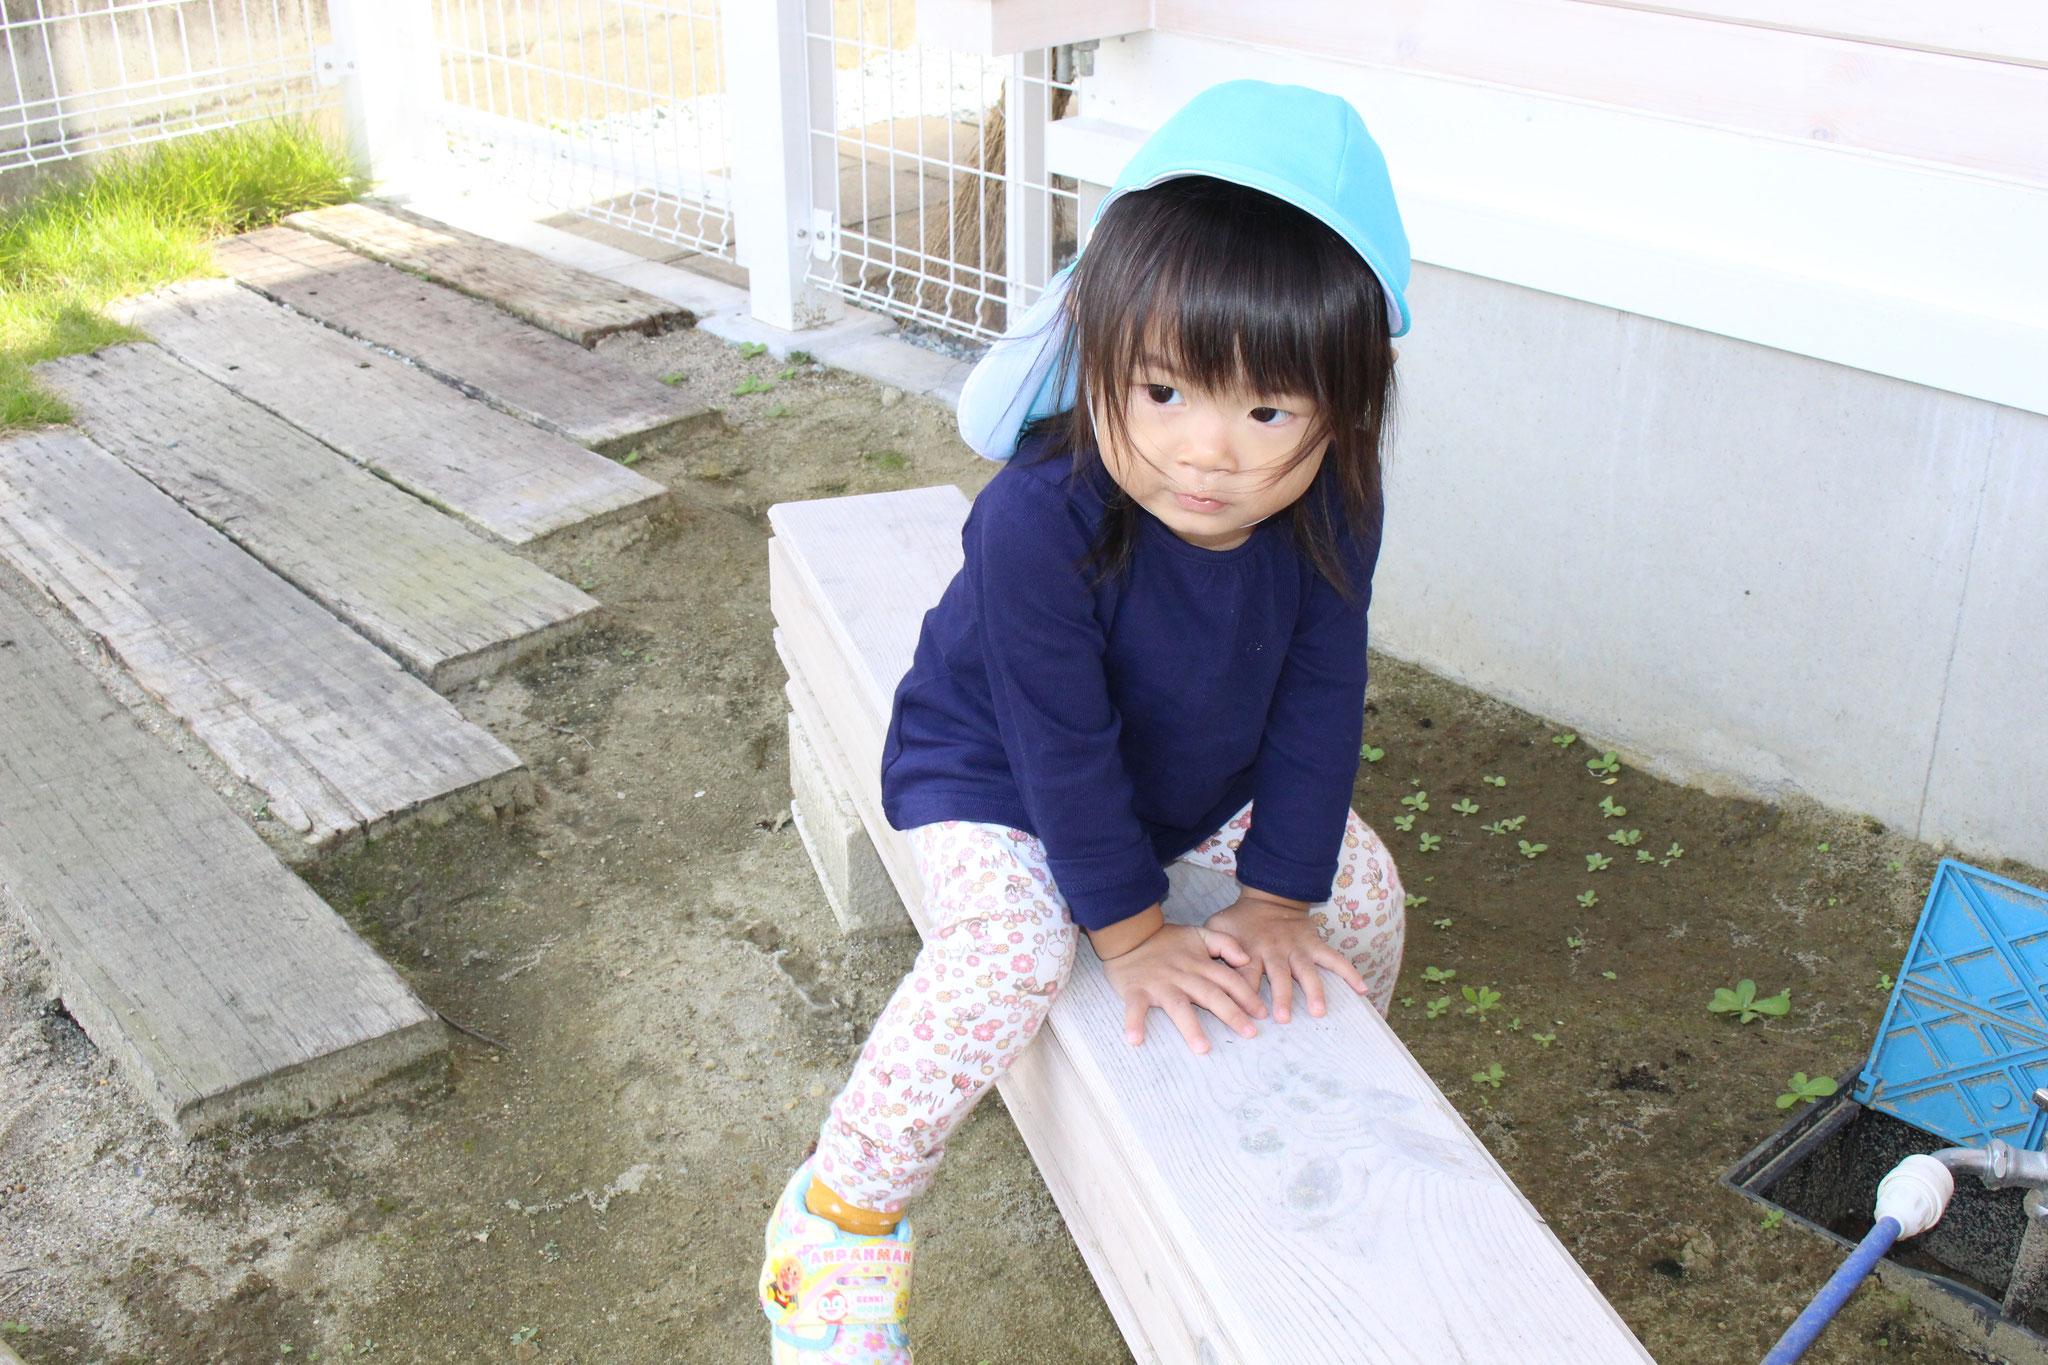 少しずつ 元気になったMちゃんのお気に入りが このベンチだね(*^-^*)